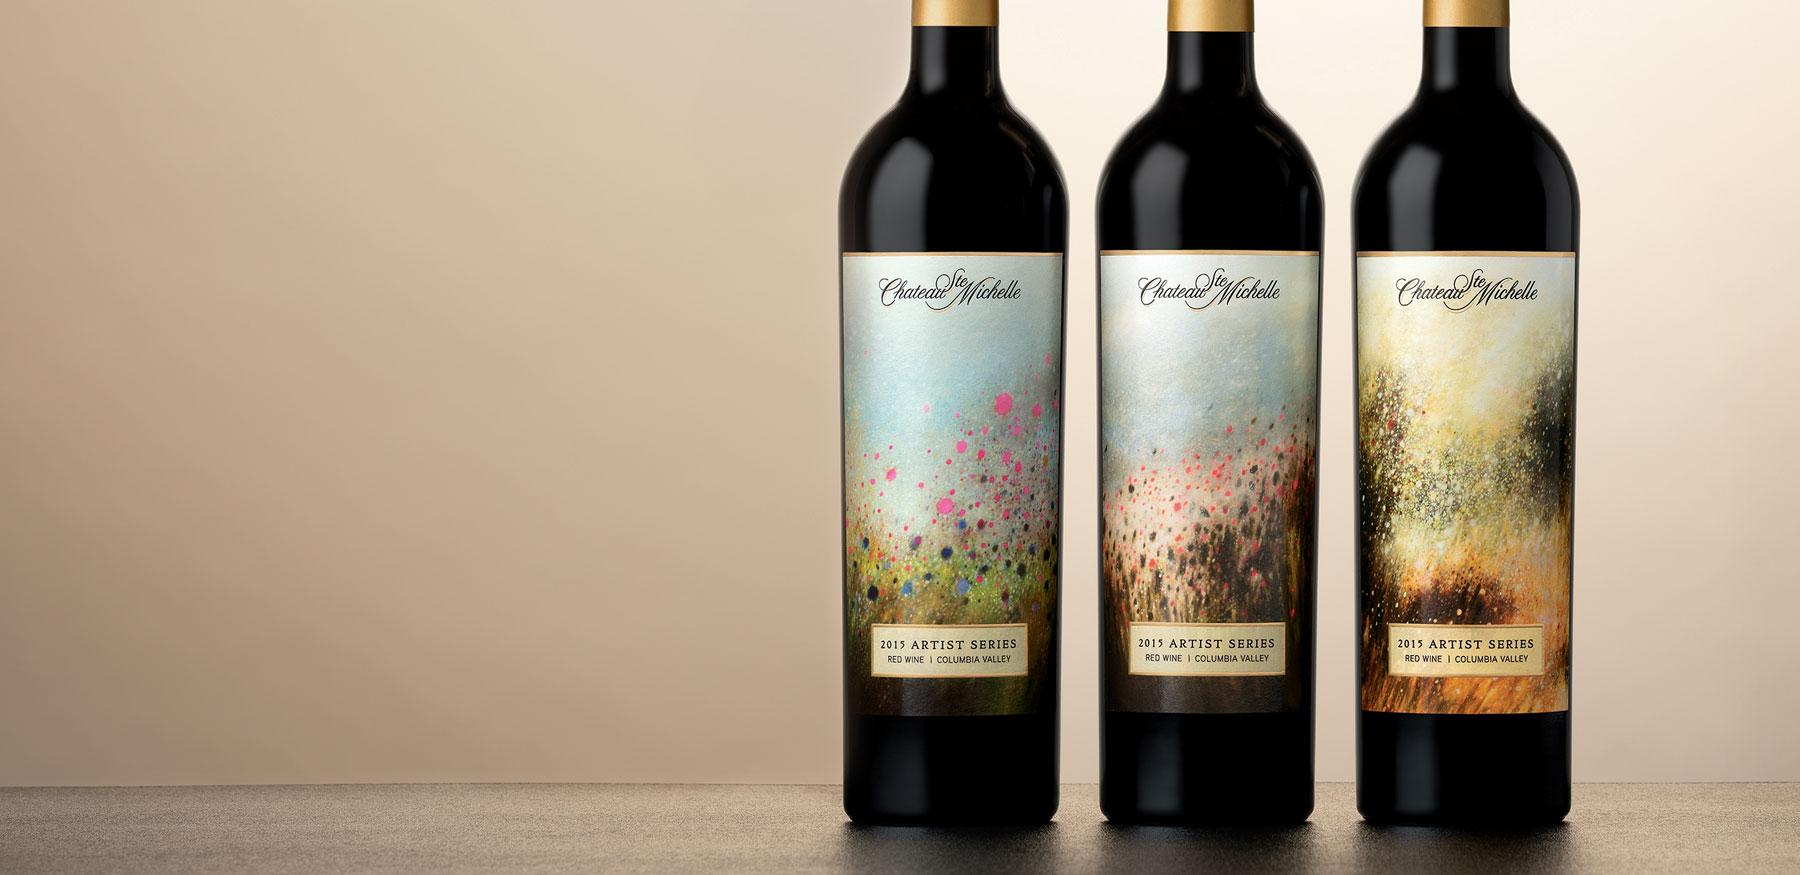 2015 Artist Series bottles